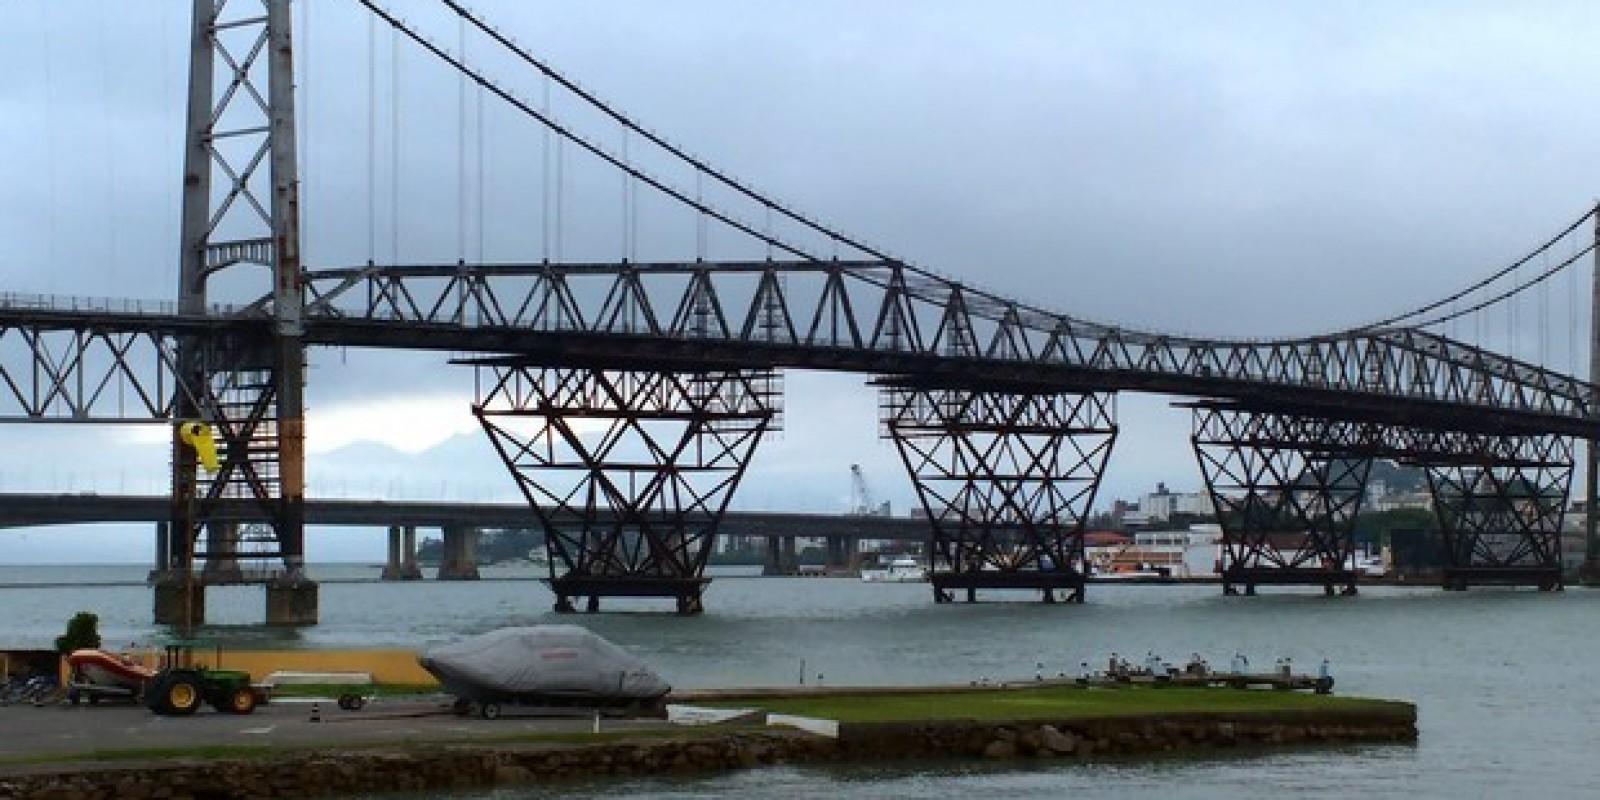 Deputado pede doação de estrutura metálica da Ponte Hercílio Luz para outros municípios